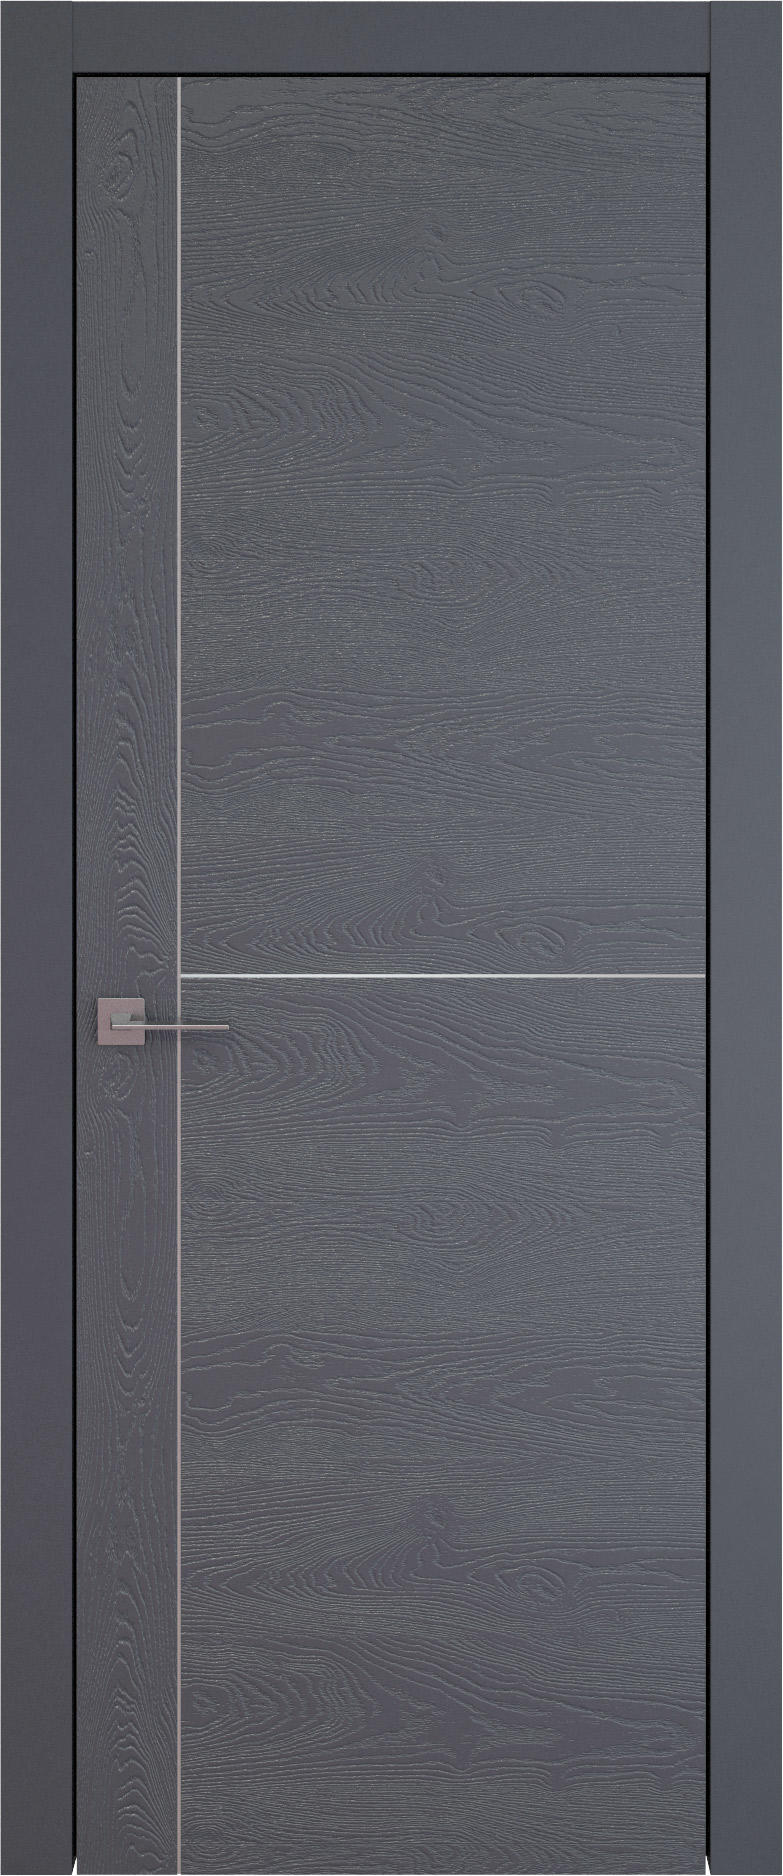 Tivoli Е-3 цвет - Графитово-серая эмаль по шпону (RAL 7024) Без стекла (ДГ)